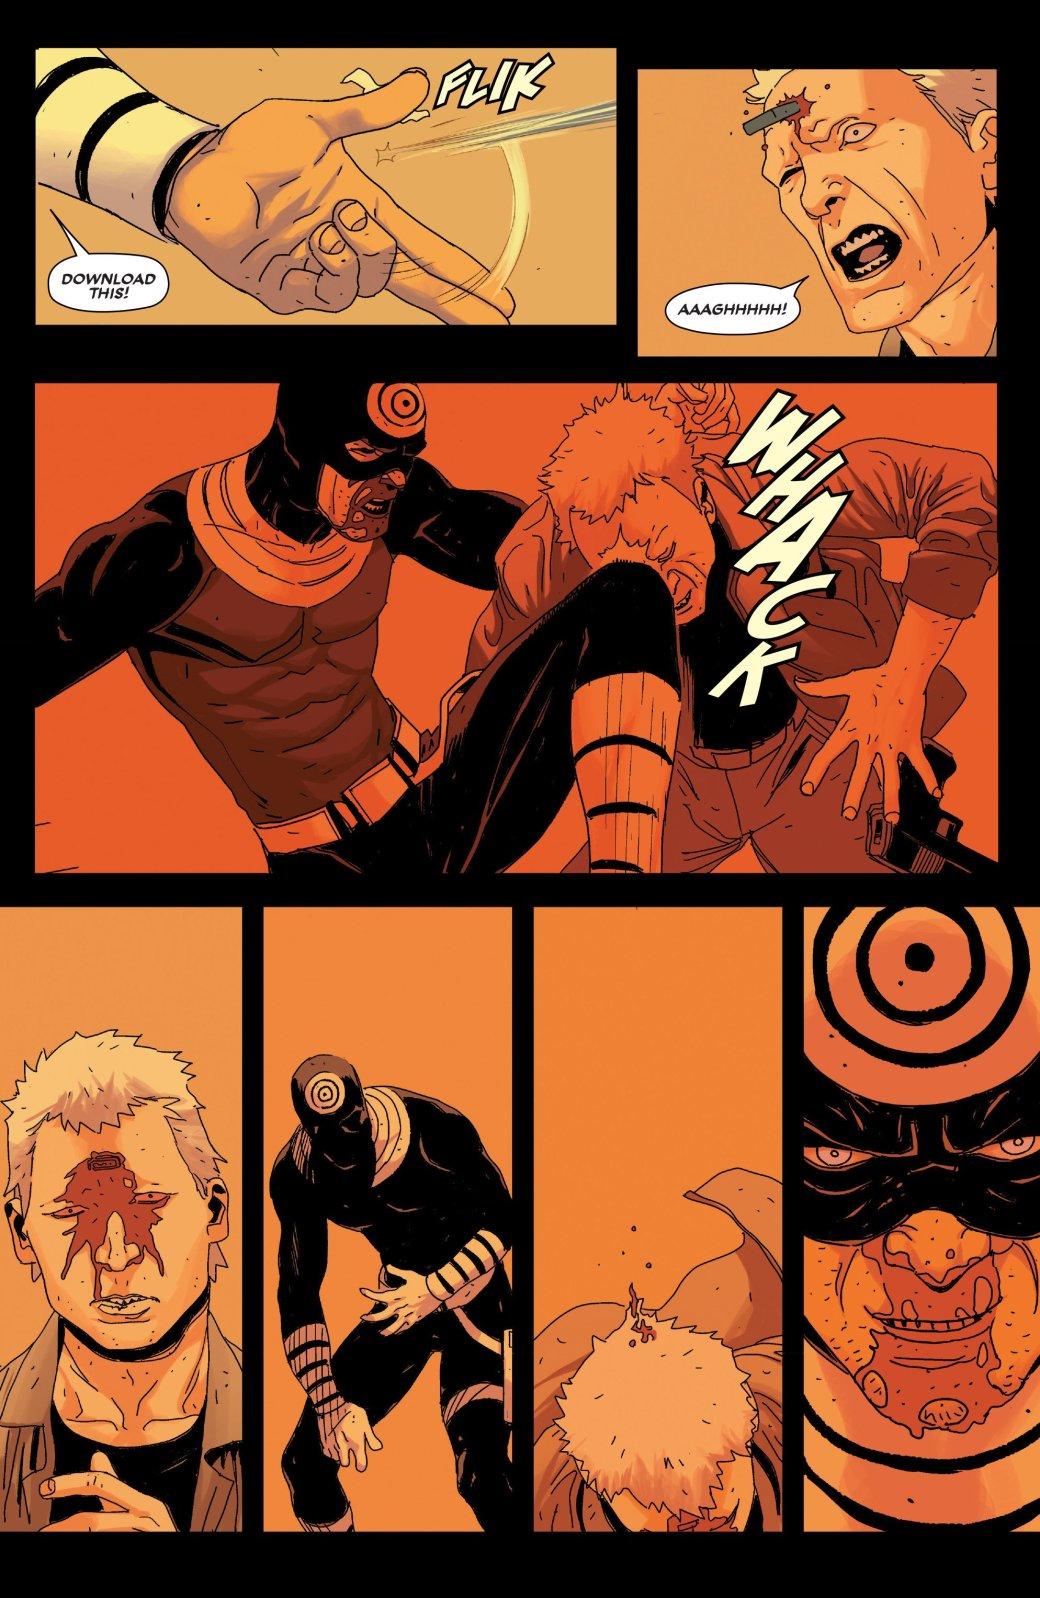 Издательство Marvel выпустило новый комикс про наемника Меченого | Канобу - Изображение 7906